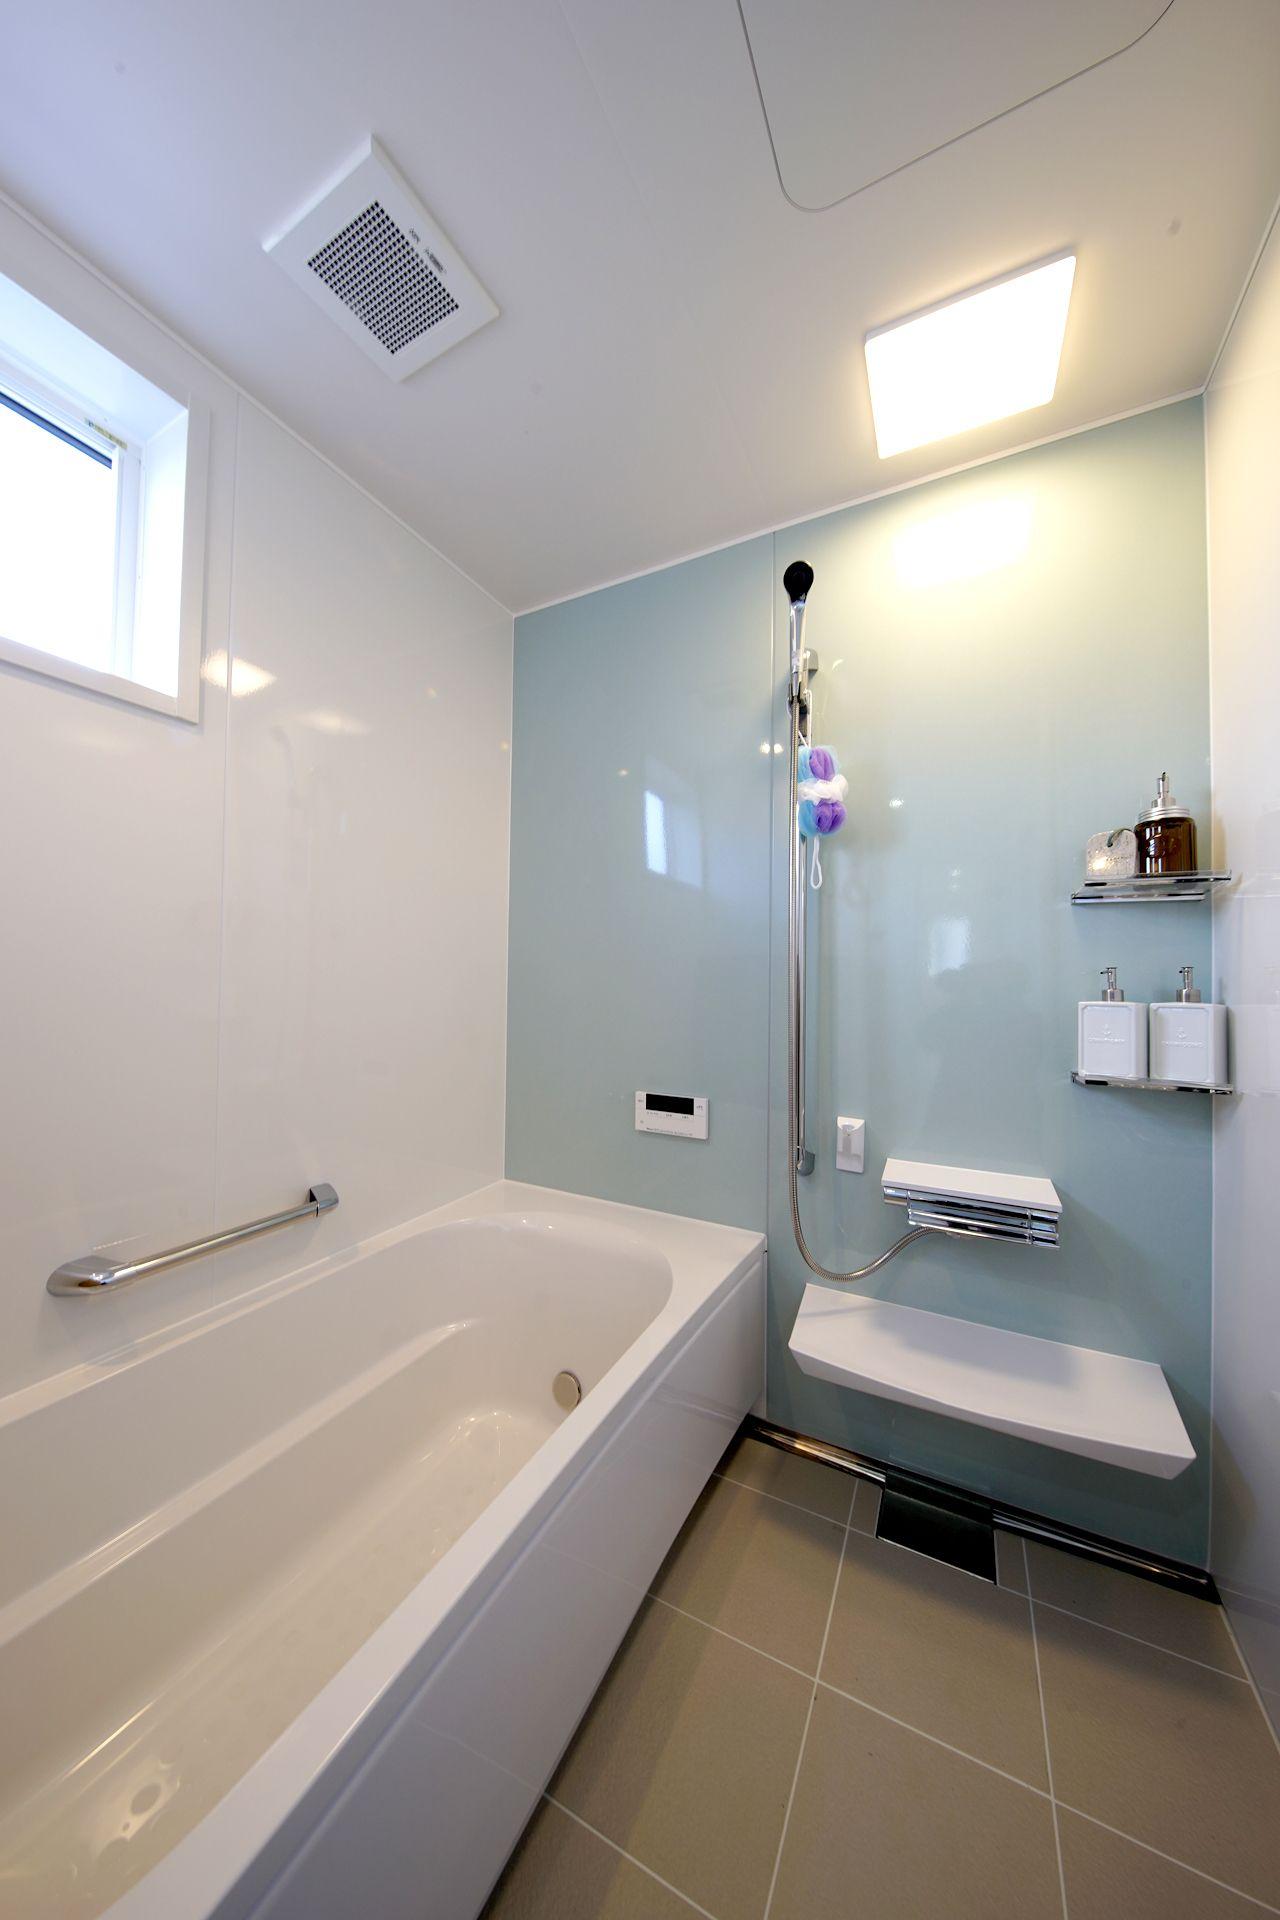 淡いブルーがさわやかな浴室 浴室リフォーム バスルーム おしゃれ 浴室 おしゃれ